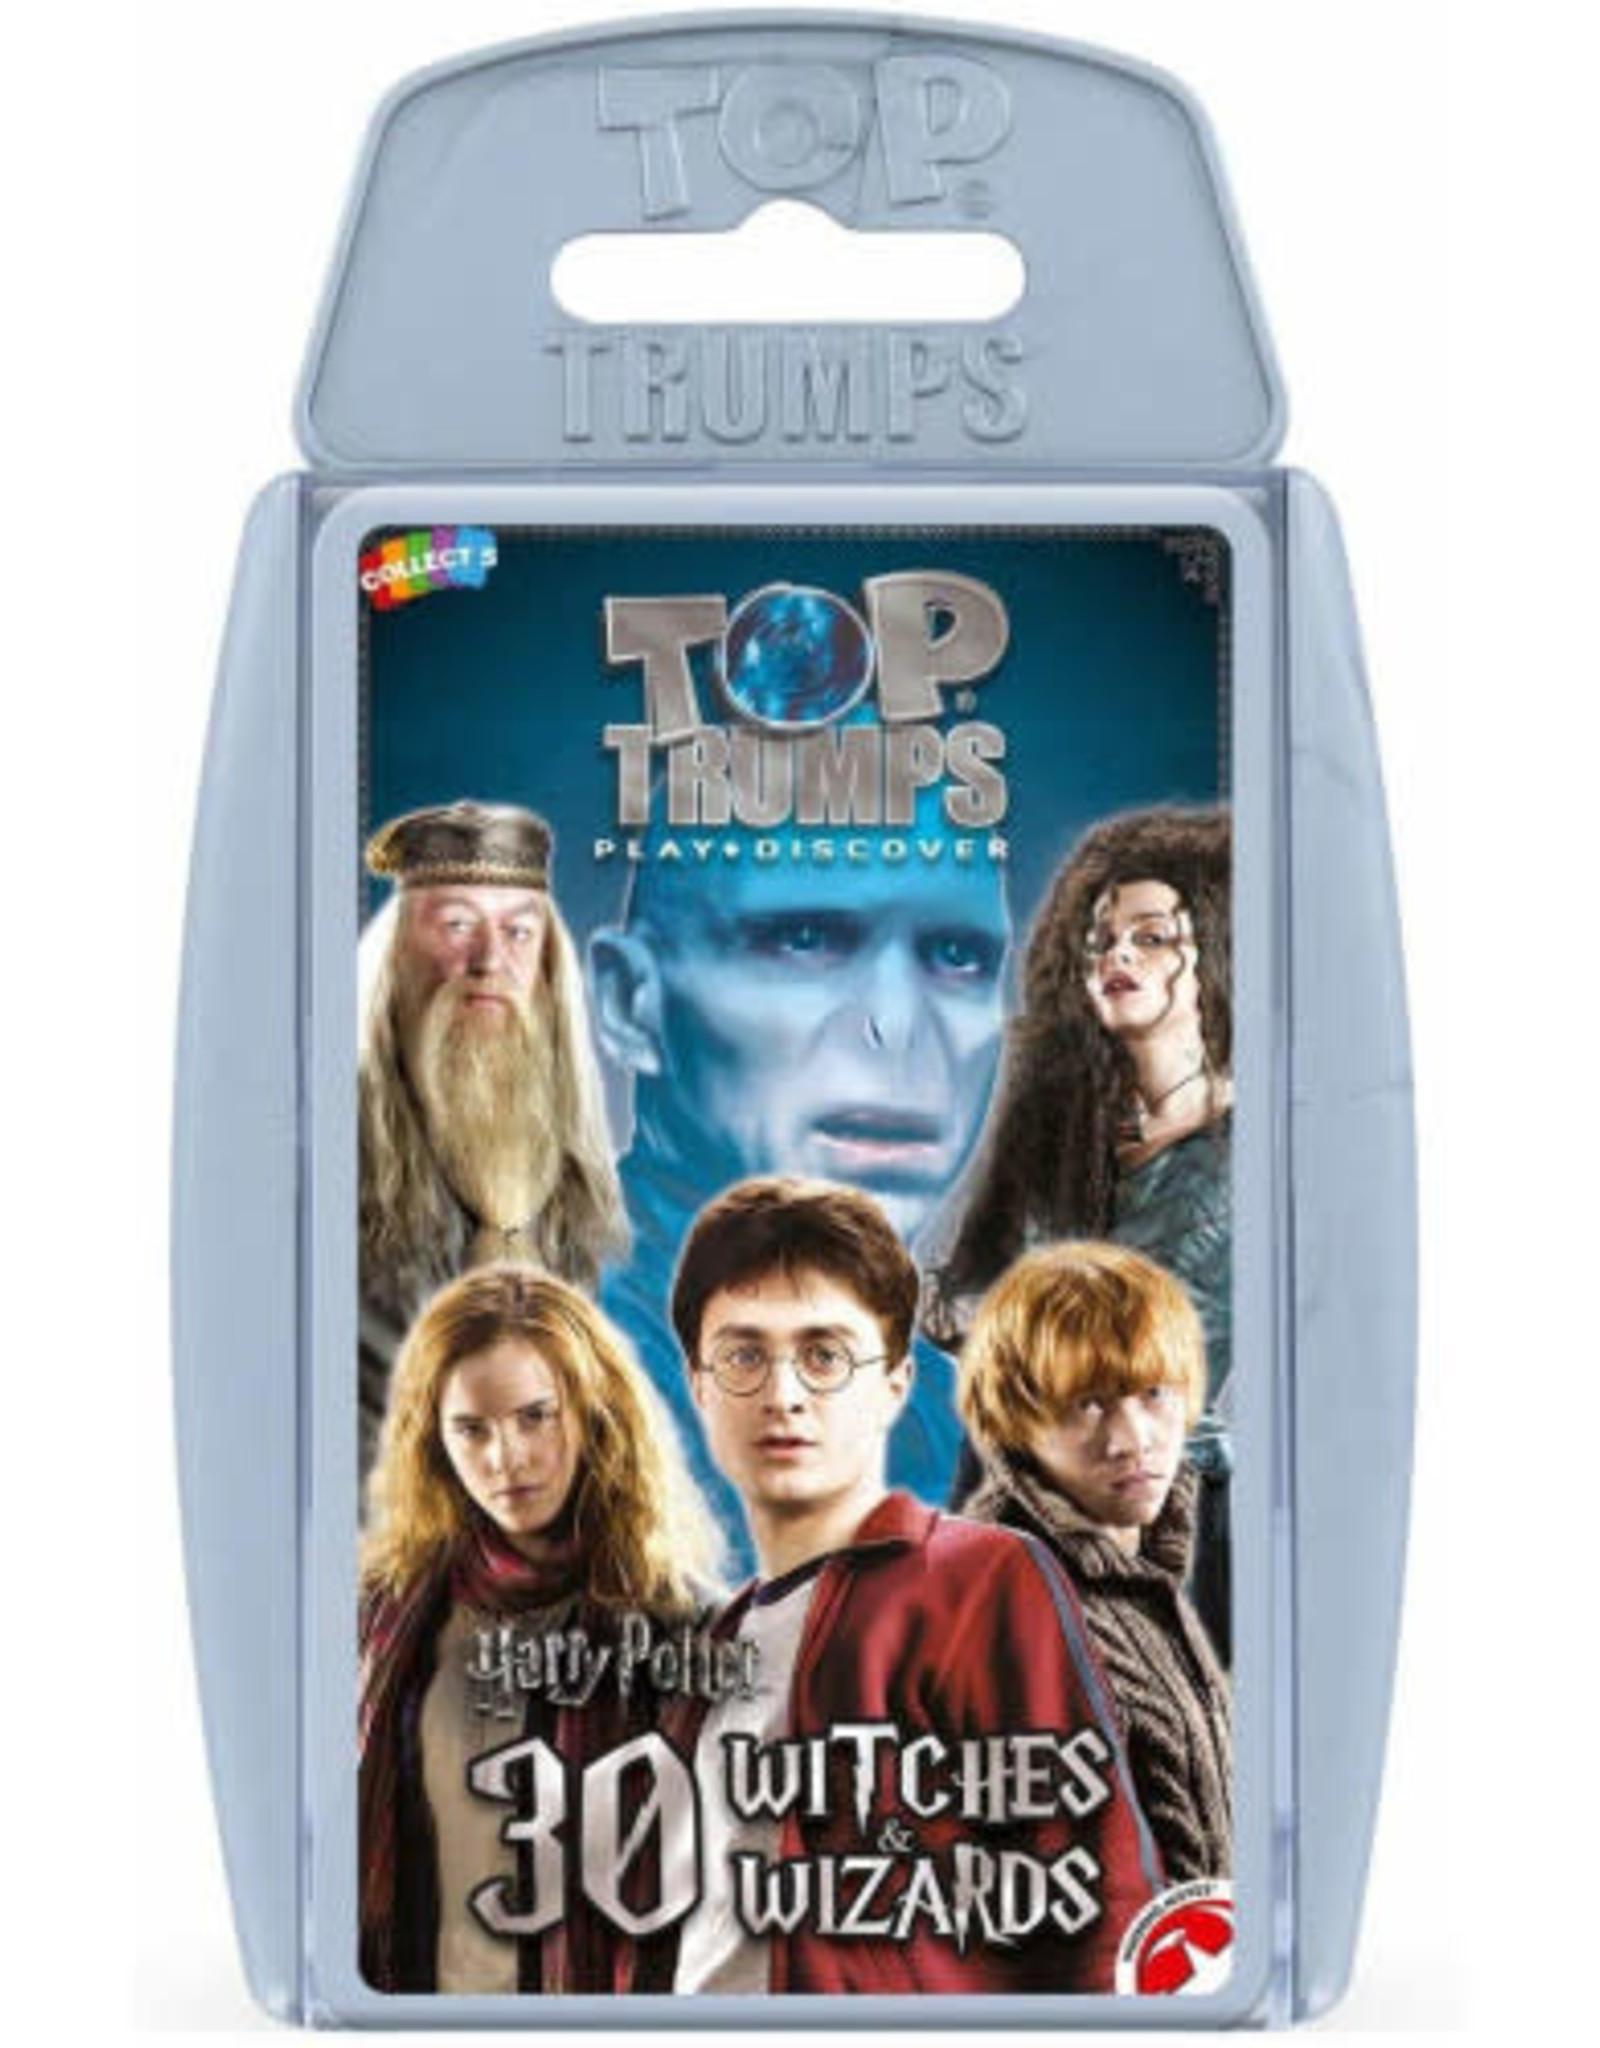 Top Trumps Harry Potter Wizards Top Trumps